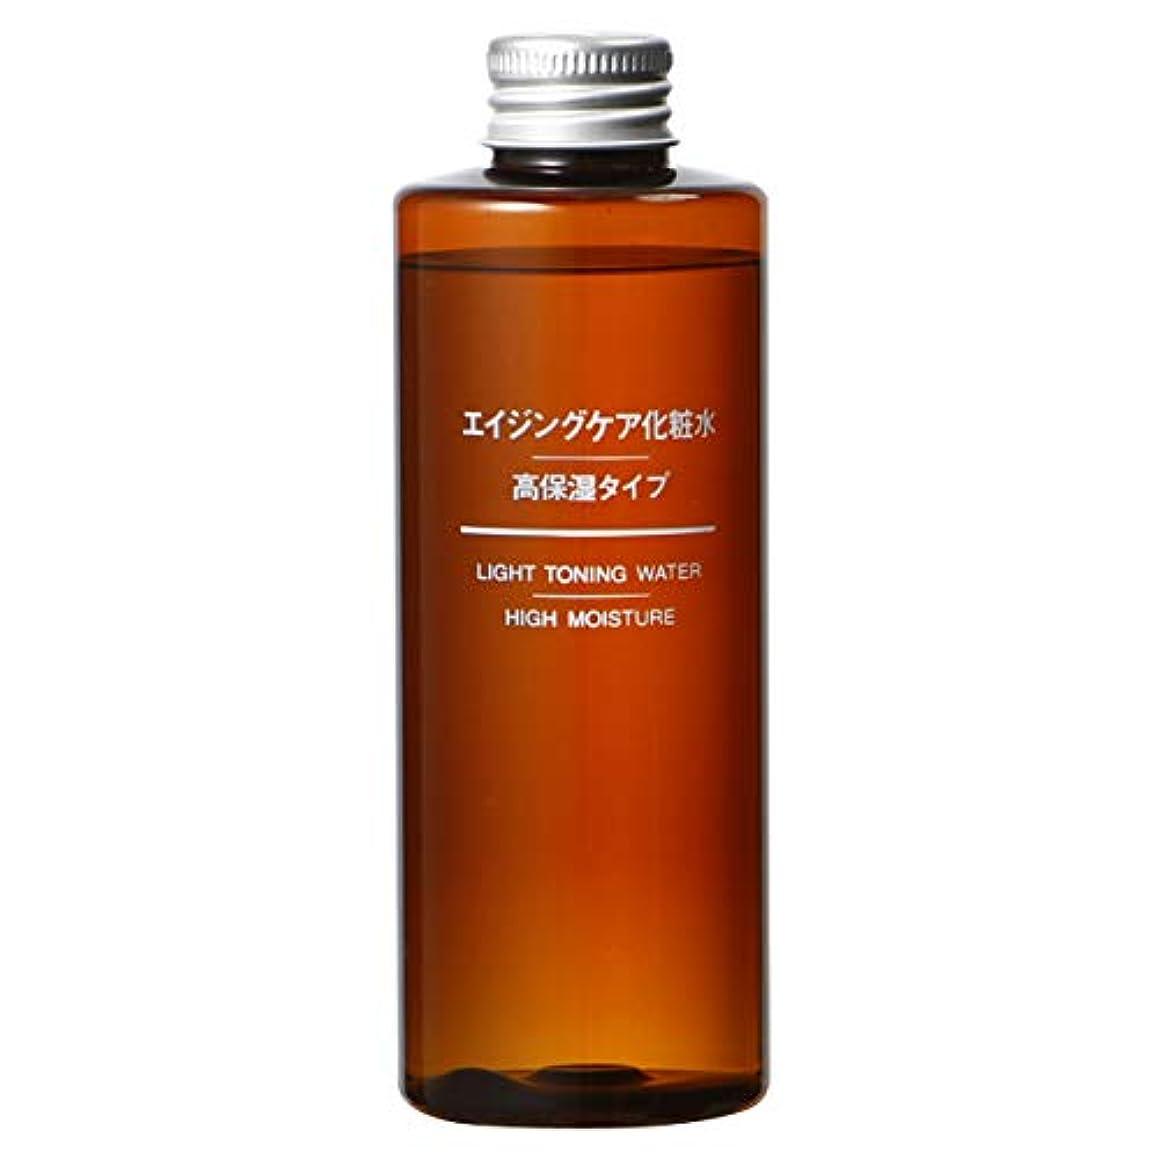 セメント葉を拾う絶対に無印良品 エイジングケア化粧水?高保湿タイプ 200ml